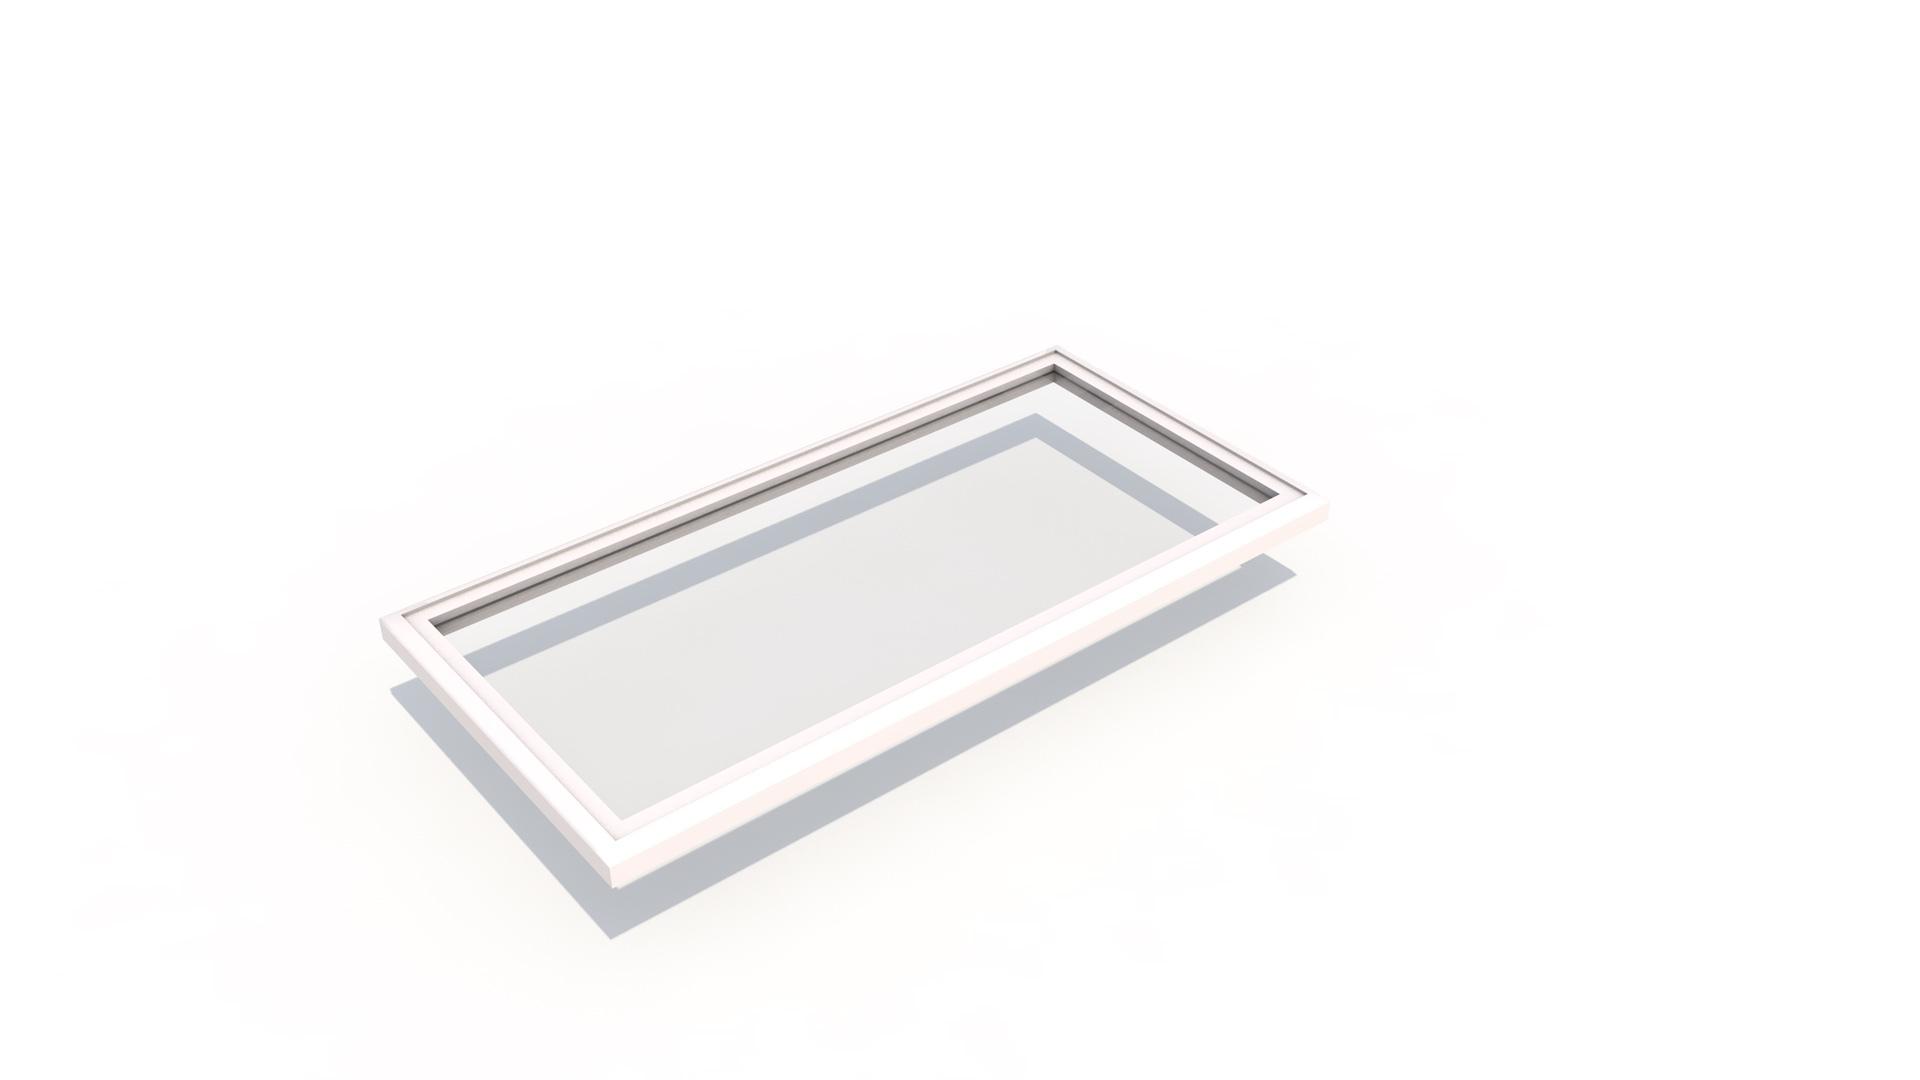 Flat 1m x 2m - Flat Skylight